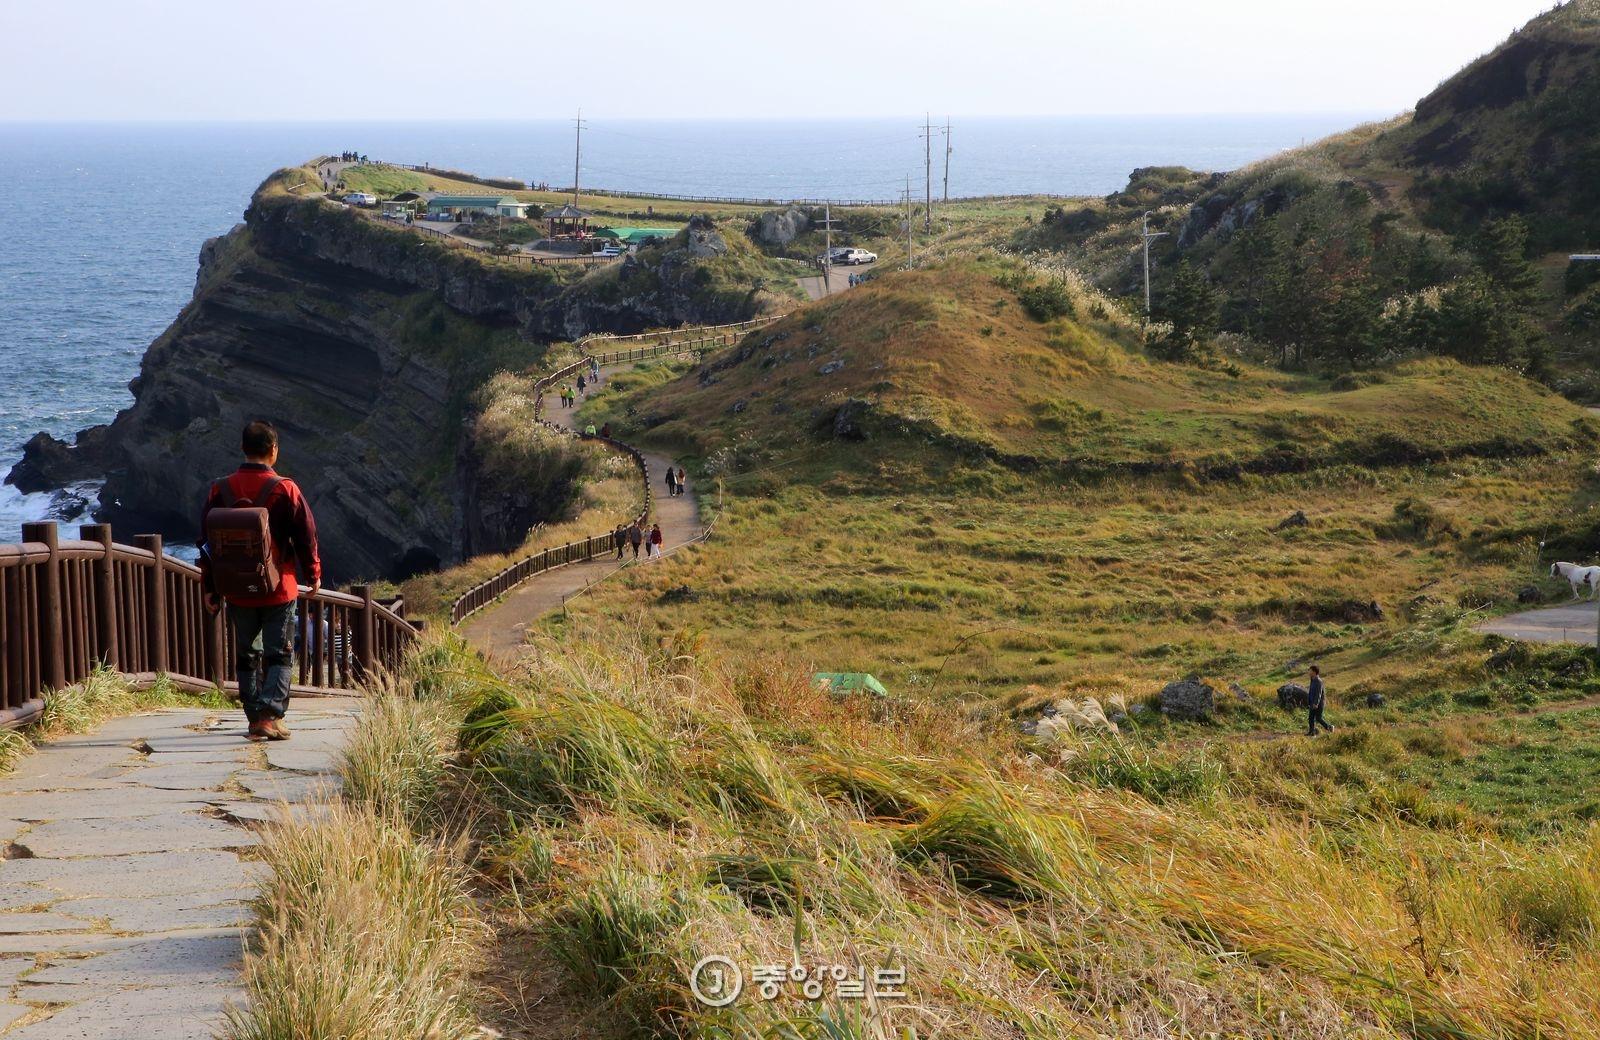 송악산은 바다와 맞닿아 있다. 해안 절벽을 따라 난 탐방로를 다 걸으면 송악산 둘레길이 완성된다.